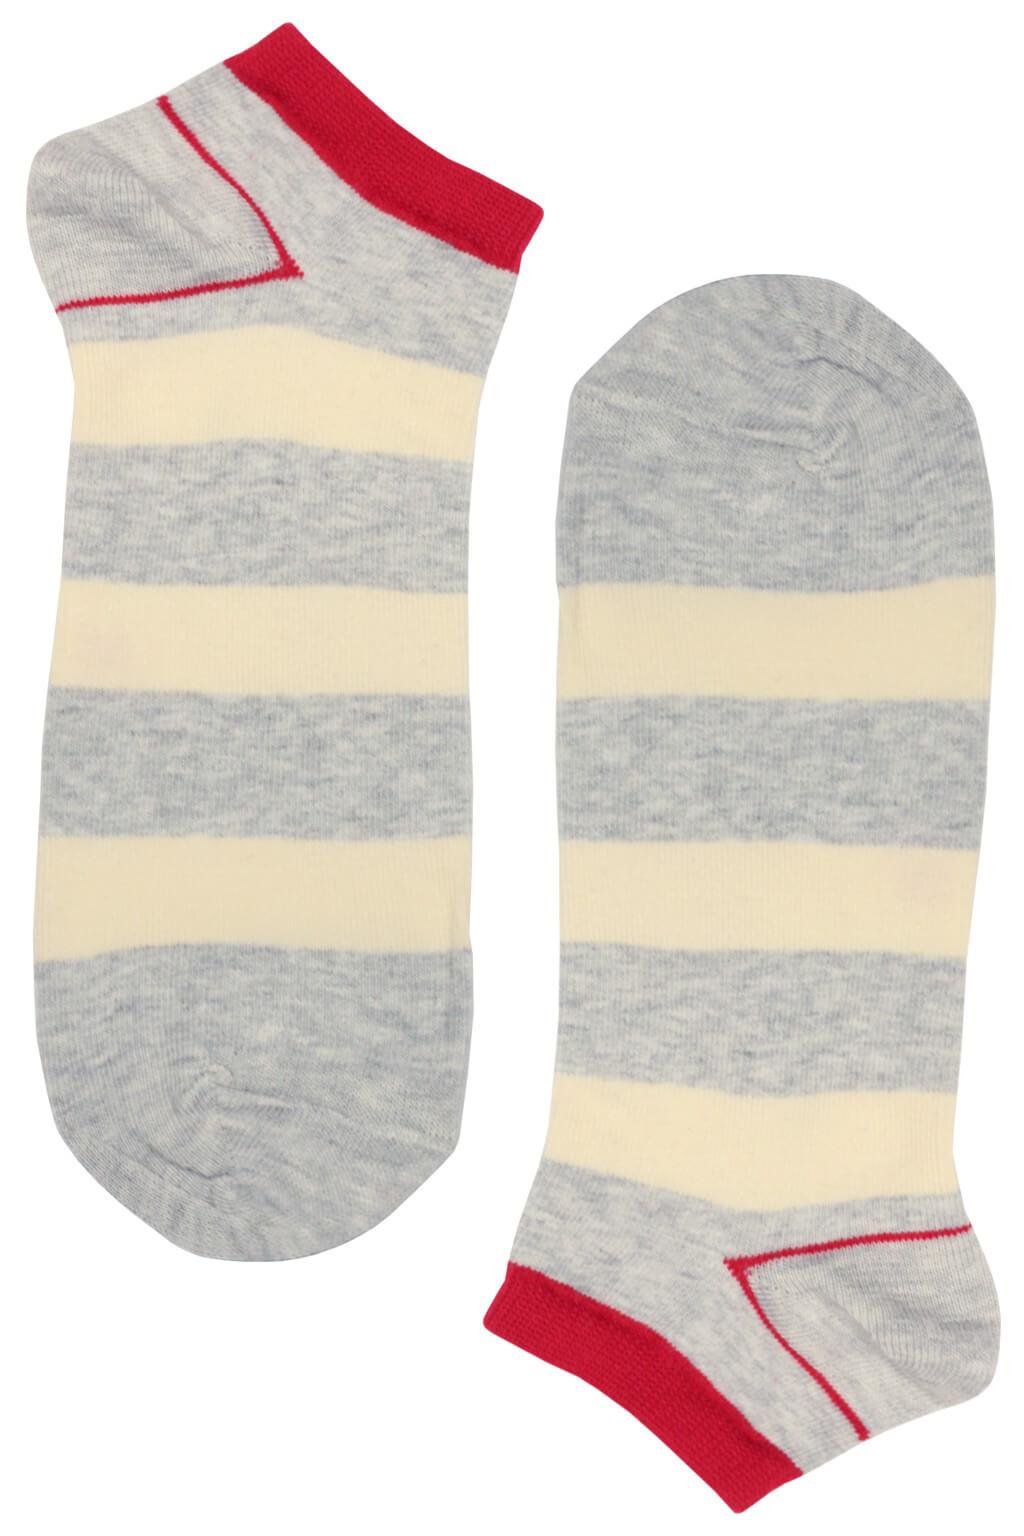 Bellinda ponožky - veselé pánské kotníčkové MIX 43-46